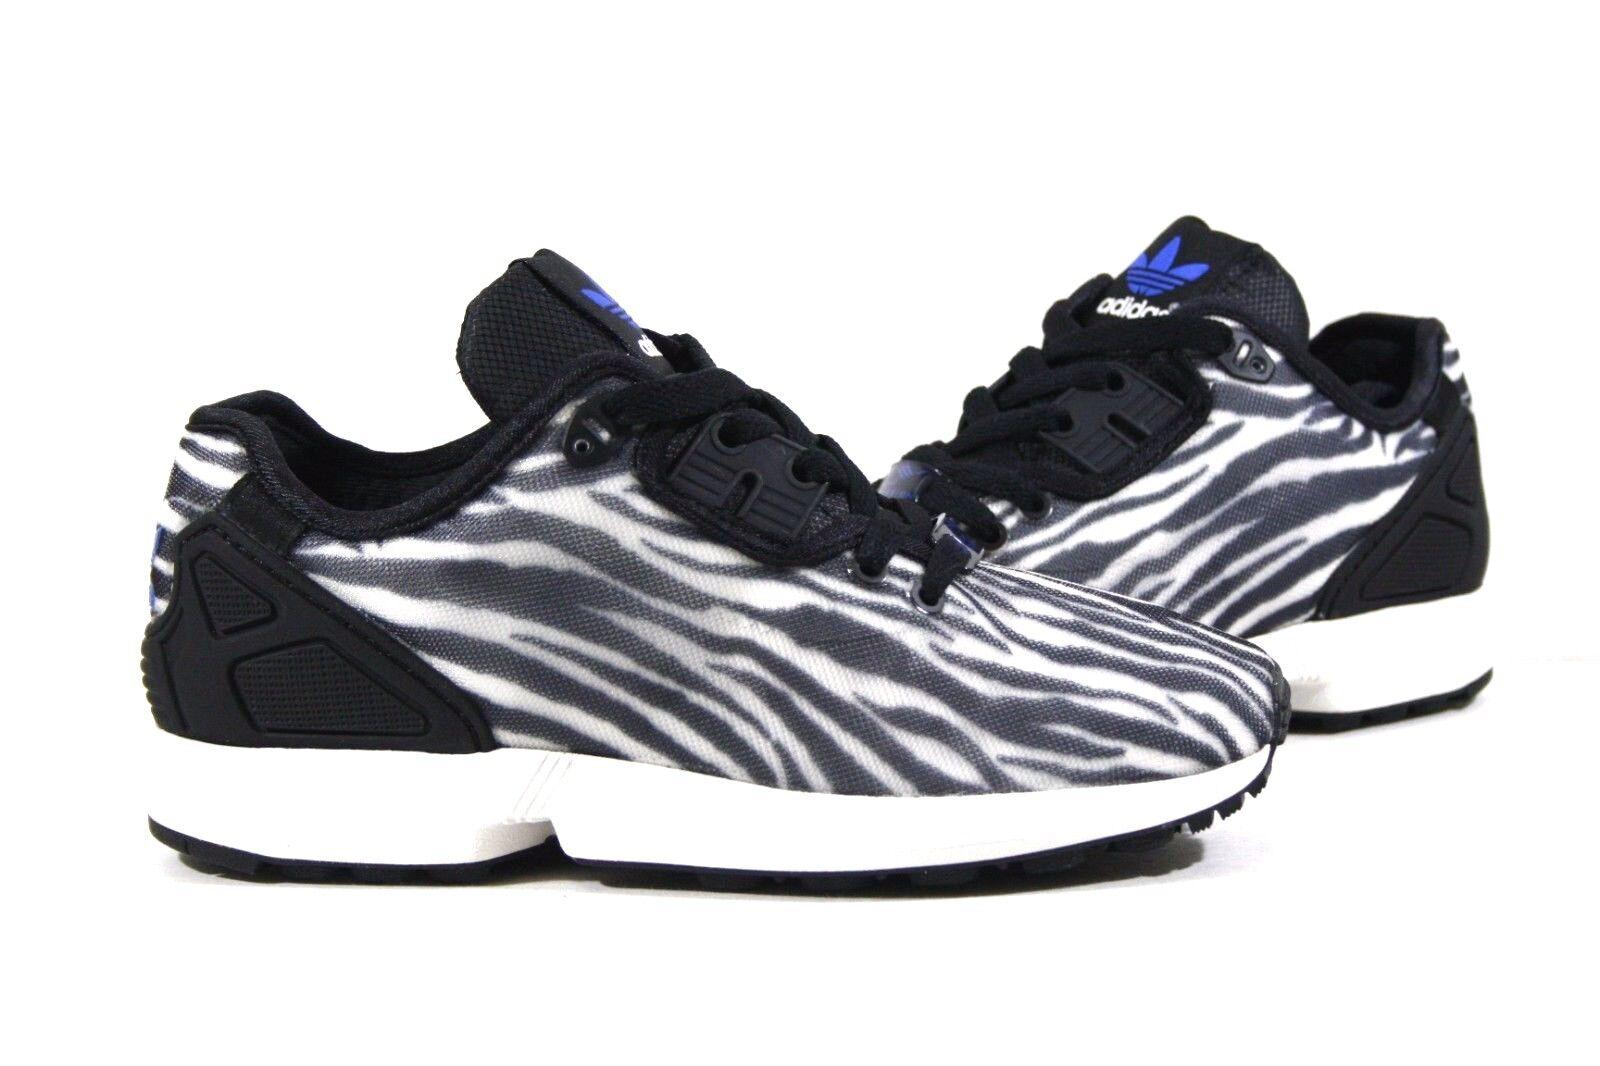 Adidas Core Men's Originals Zx Flux Decon Vintage White Core Adidas Black B23728 Sz 4.5-5.5 96a7fc